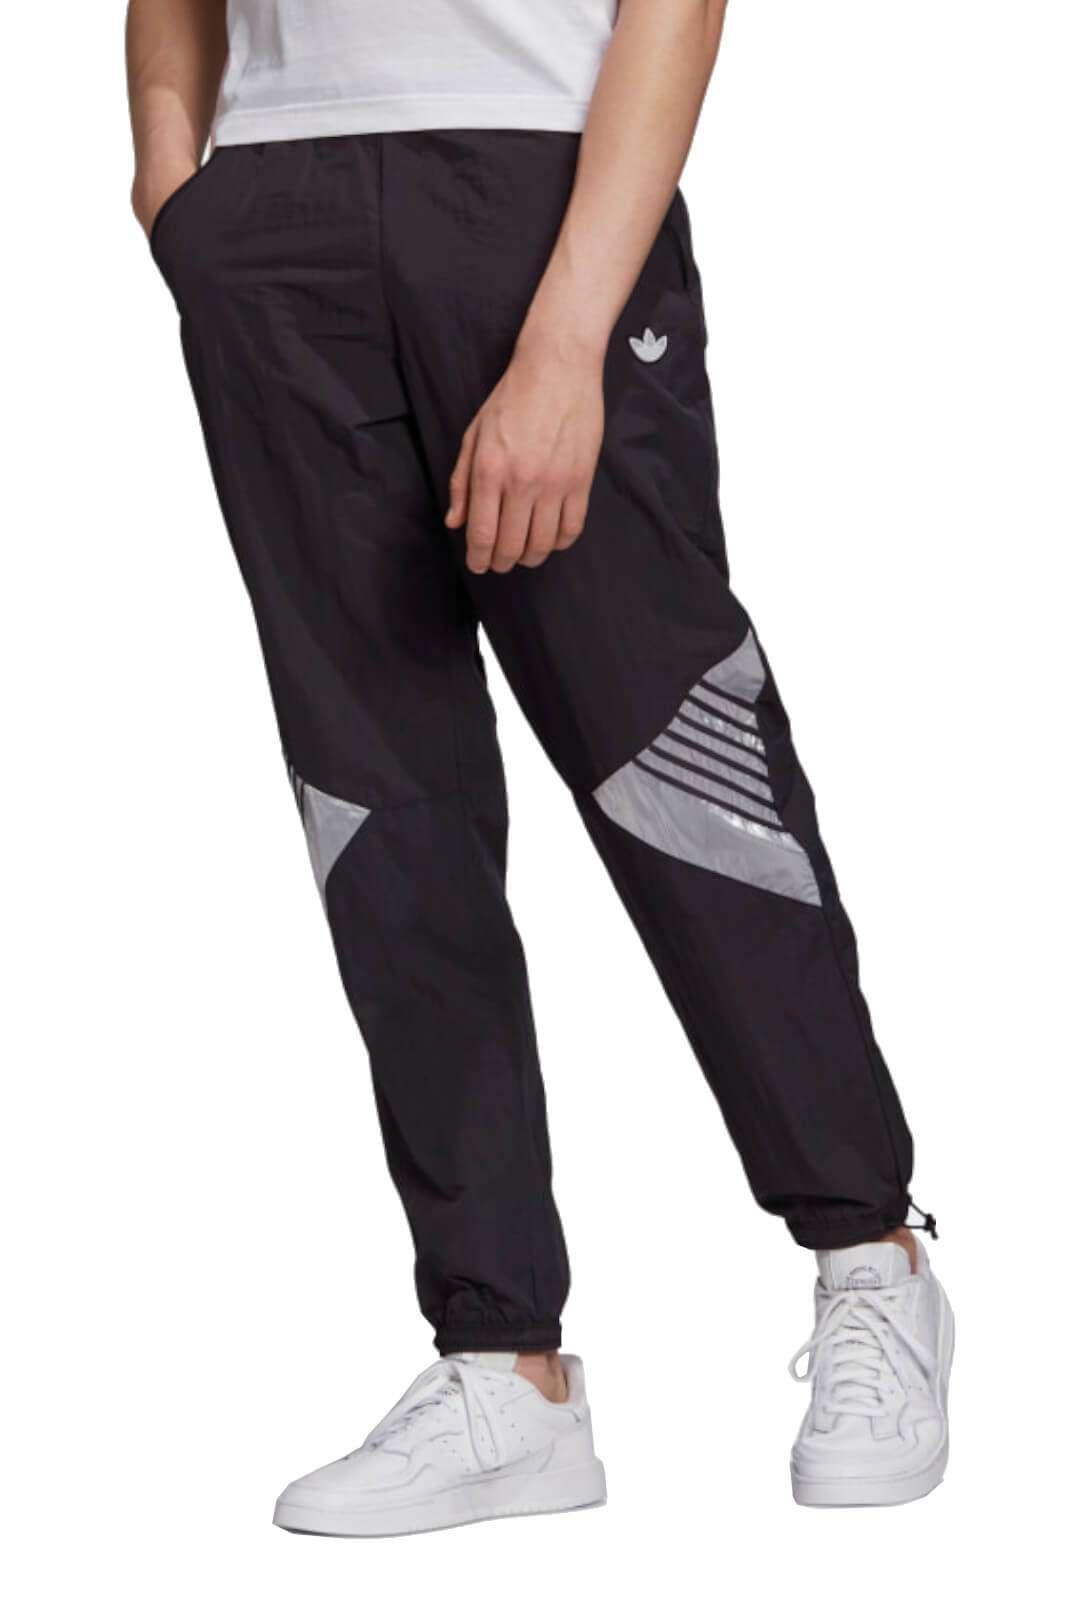 Comodi e quotidiani, i nuovi pantaloni firmati dalla collezione uomo Adidas autunno inverno. Un glamour tessuto tecnico rifinito con dettagli cangianti per esaltare il proprio look. Da indossare con una felpa o una T shirt per gli stili sportwear.